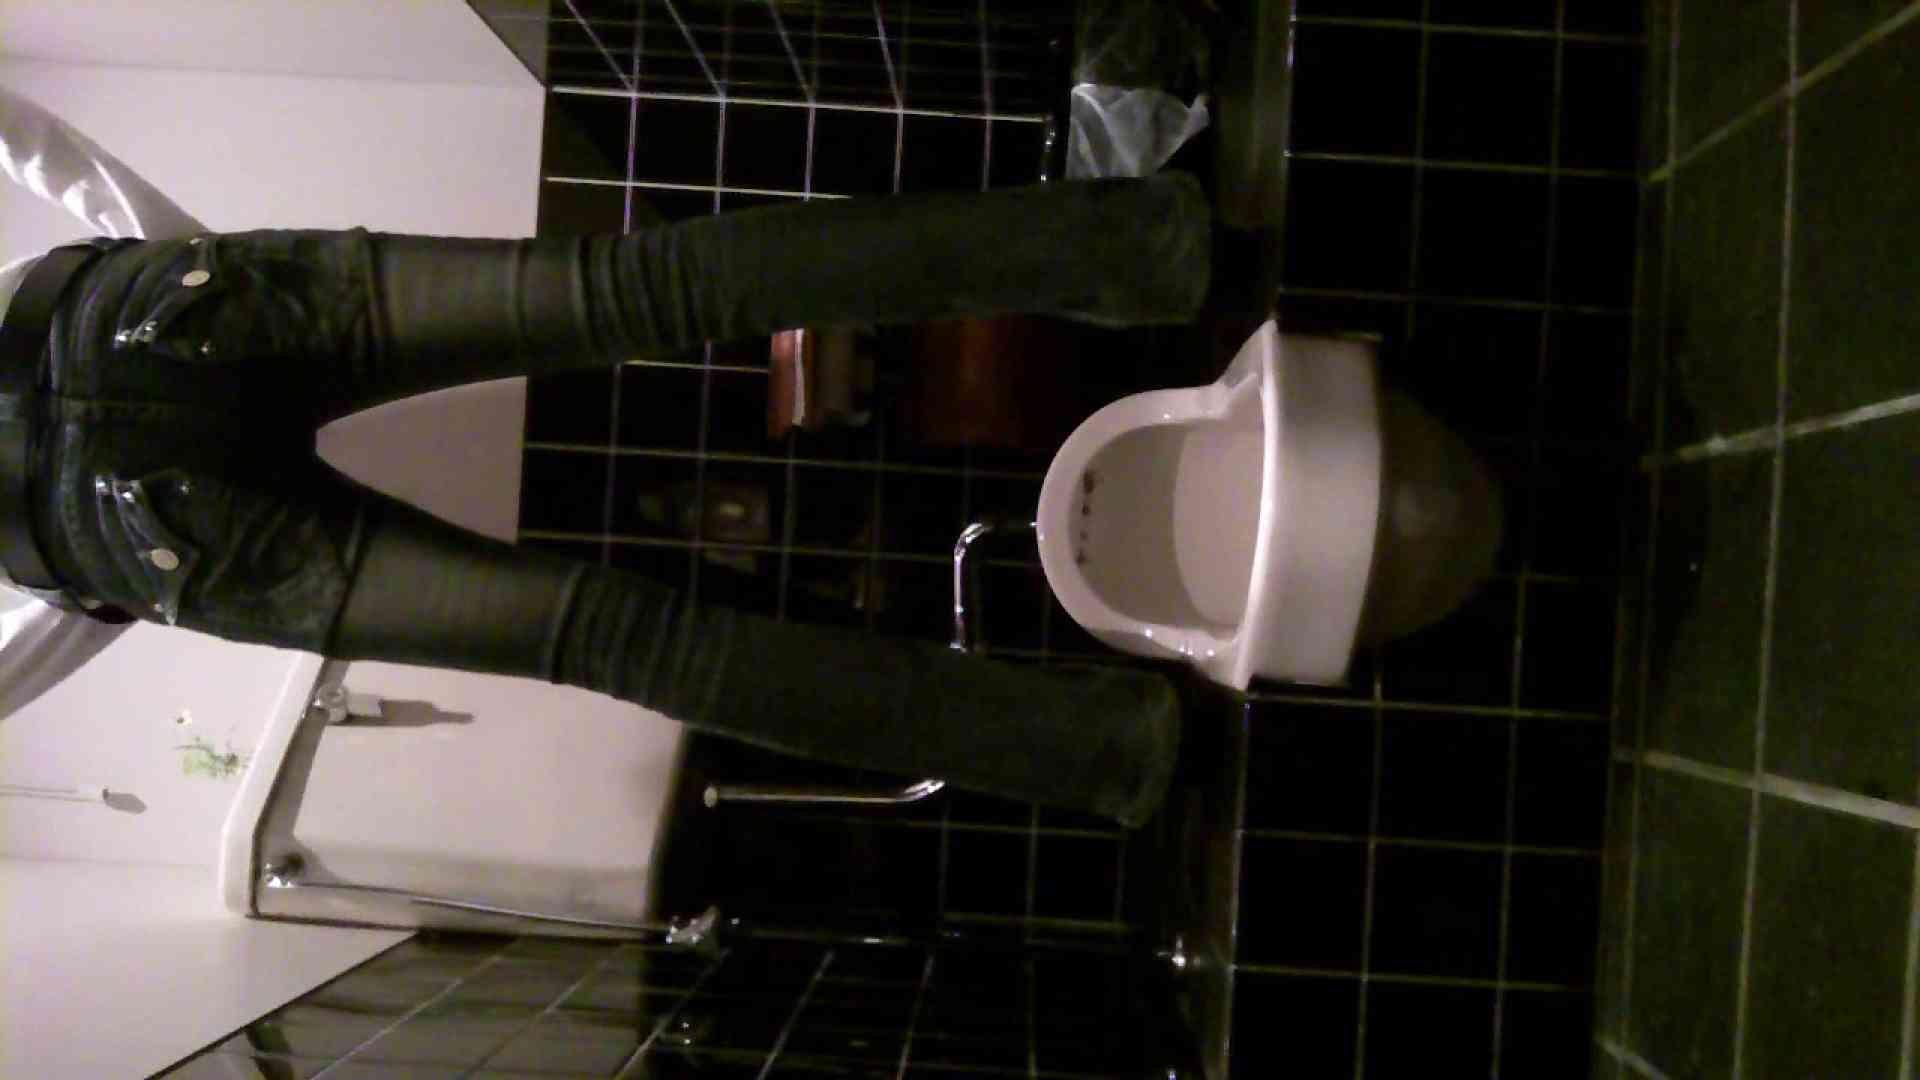 美女の集まる飲み屋洗面所 vol.01 洗面所 | OLの実態  73pic 33